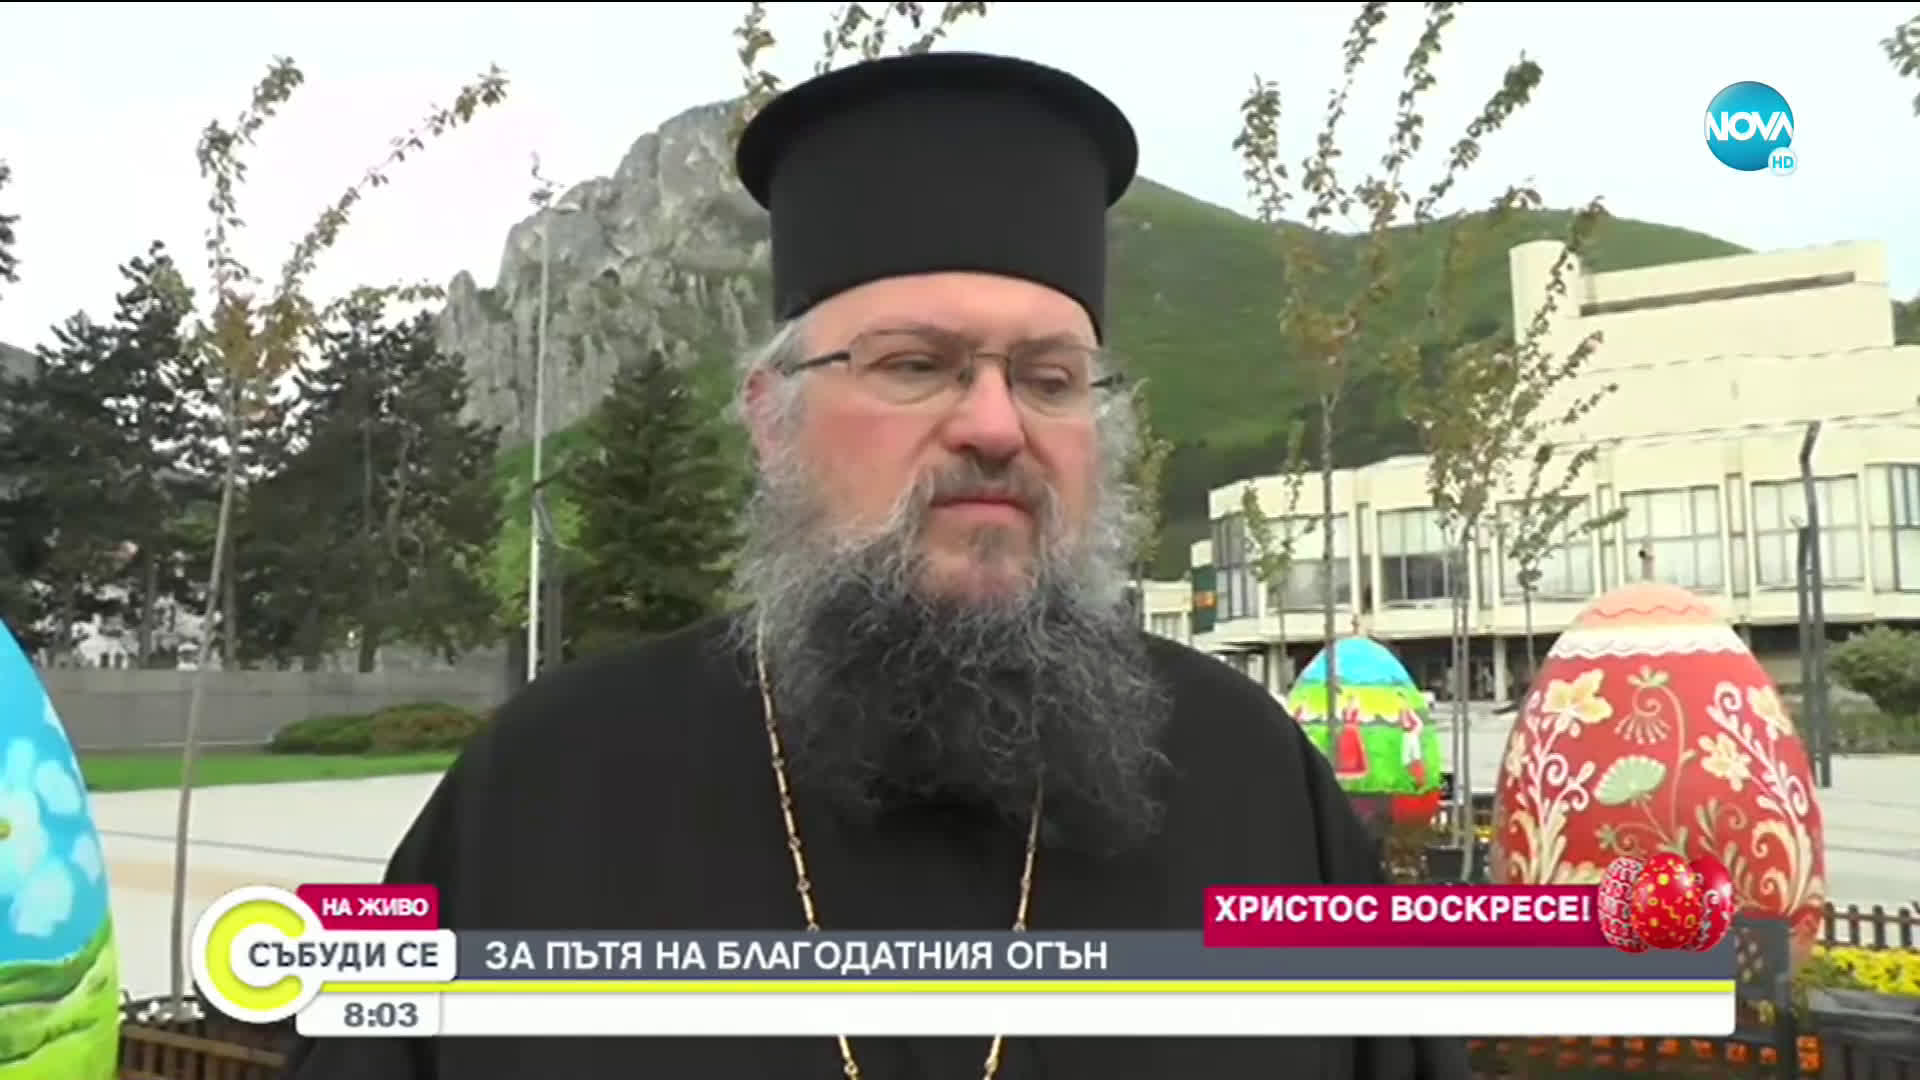 Митрополит Григорий с разказ за пътя на Благодатния огън